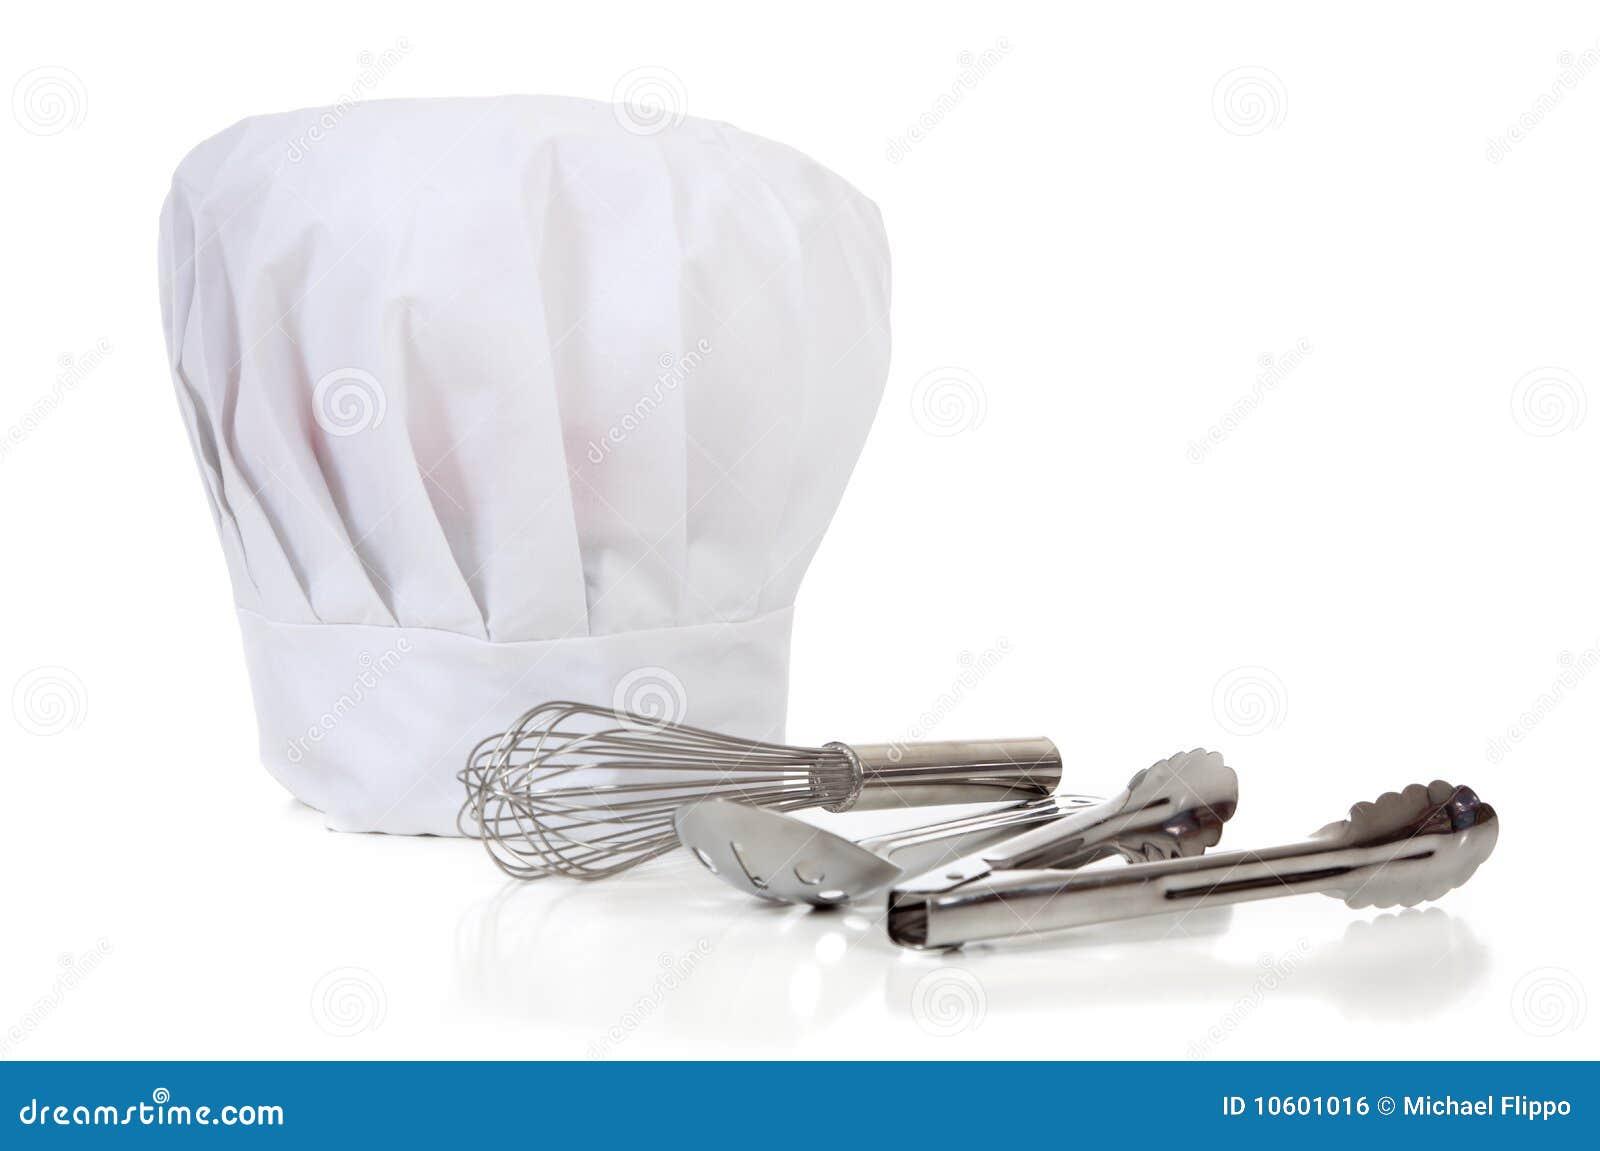 Dorable Debe Tener Herramientas De Cocina Patrón - Ideas de Cocina ...